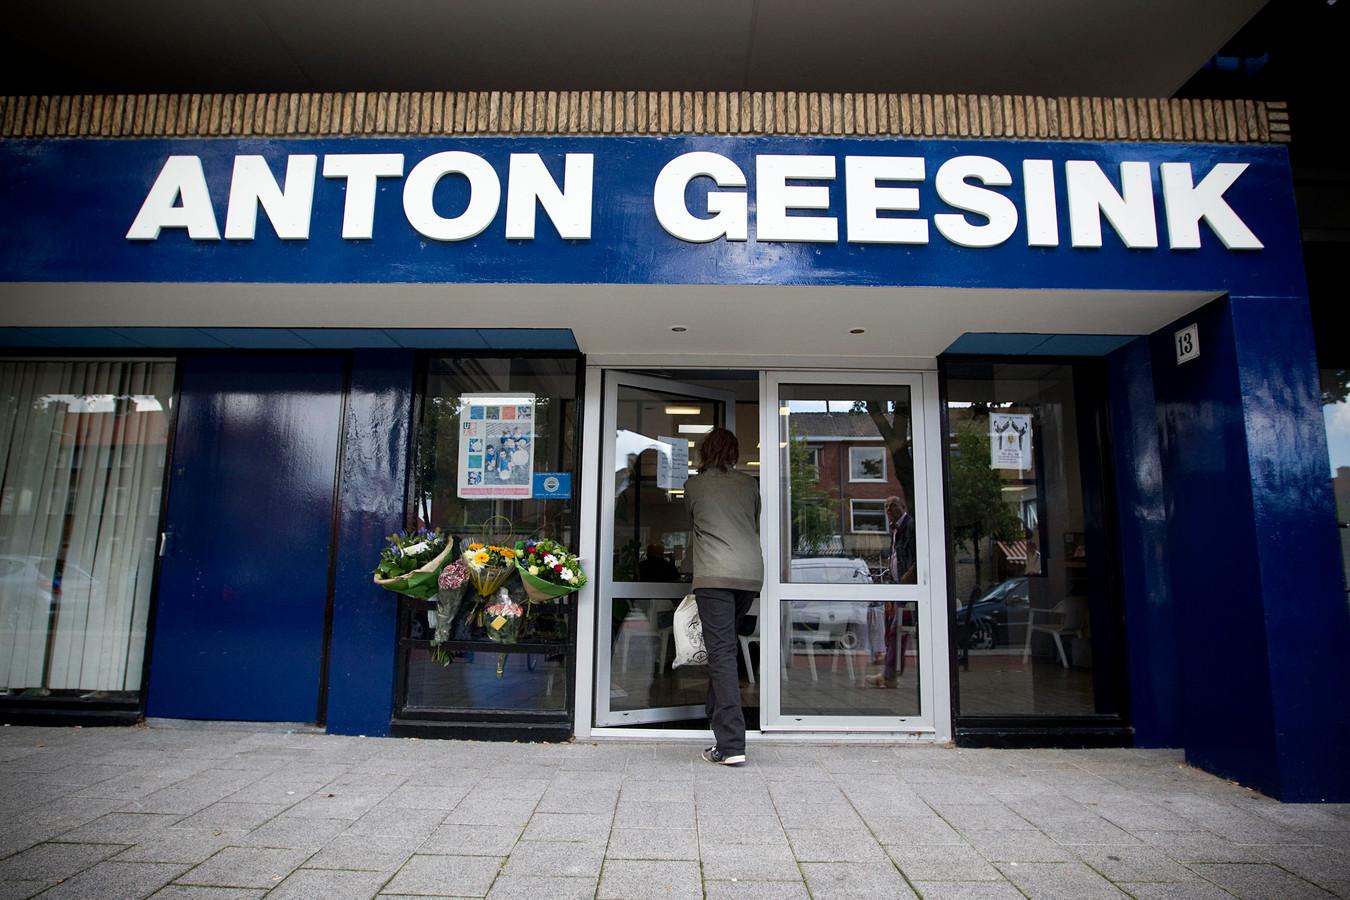 De sportschool van Geesink wordt omgebouwd tot appartementen.